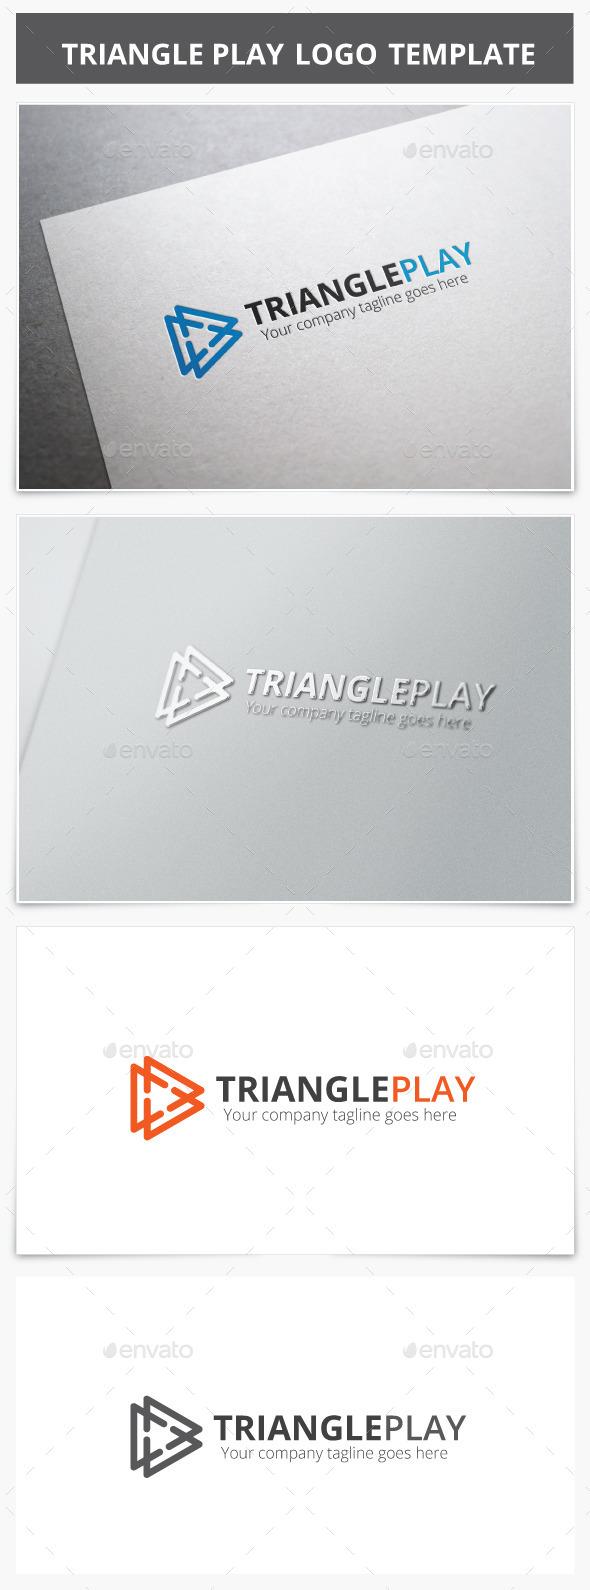 GraphicRiver Triangle Play Logo 9197292